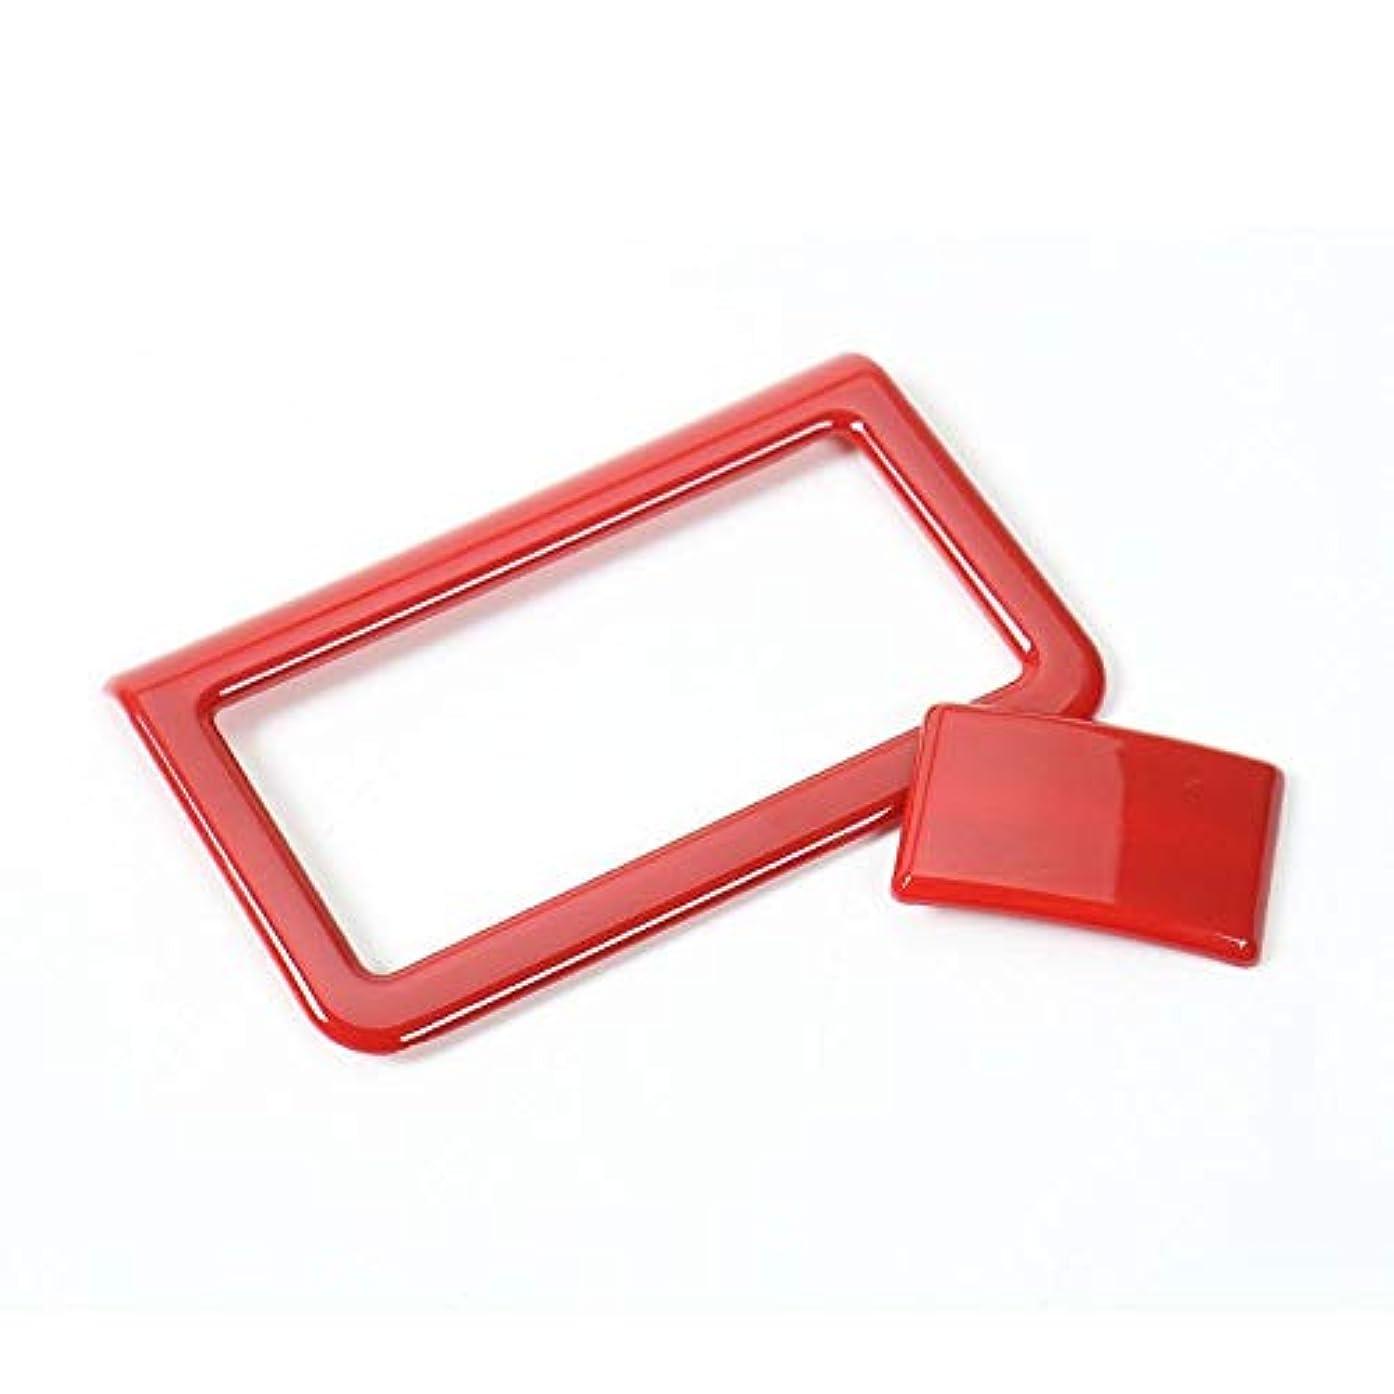 哀れな繁栄する海Jicorzo - Car-styling Fog Light Lamp Switch Adjust Cover Trim Frame Interior Chrome ABS Stickers For Suzuki Jimny 2007-15 Car Accessories [Red]